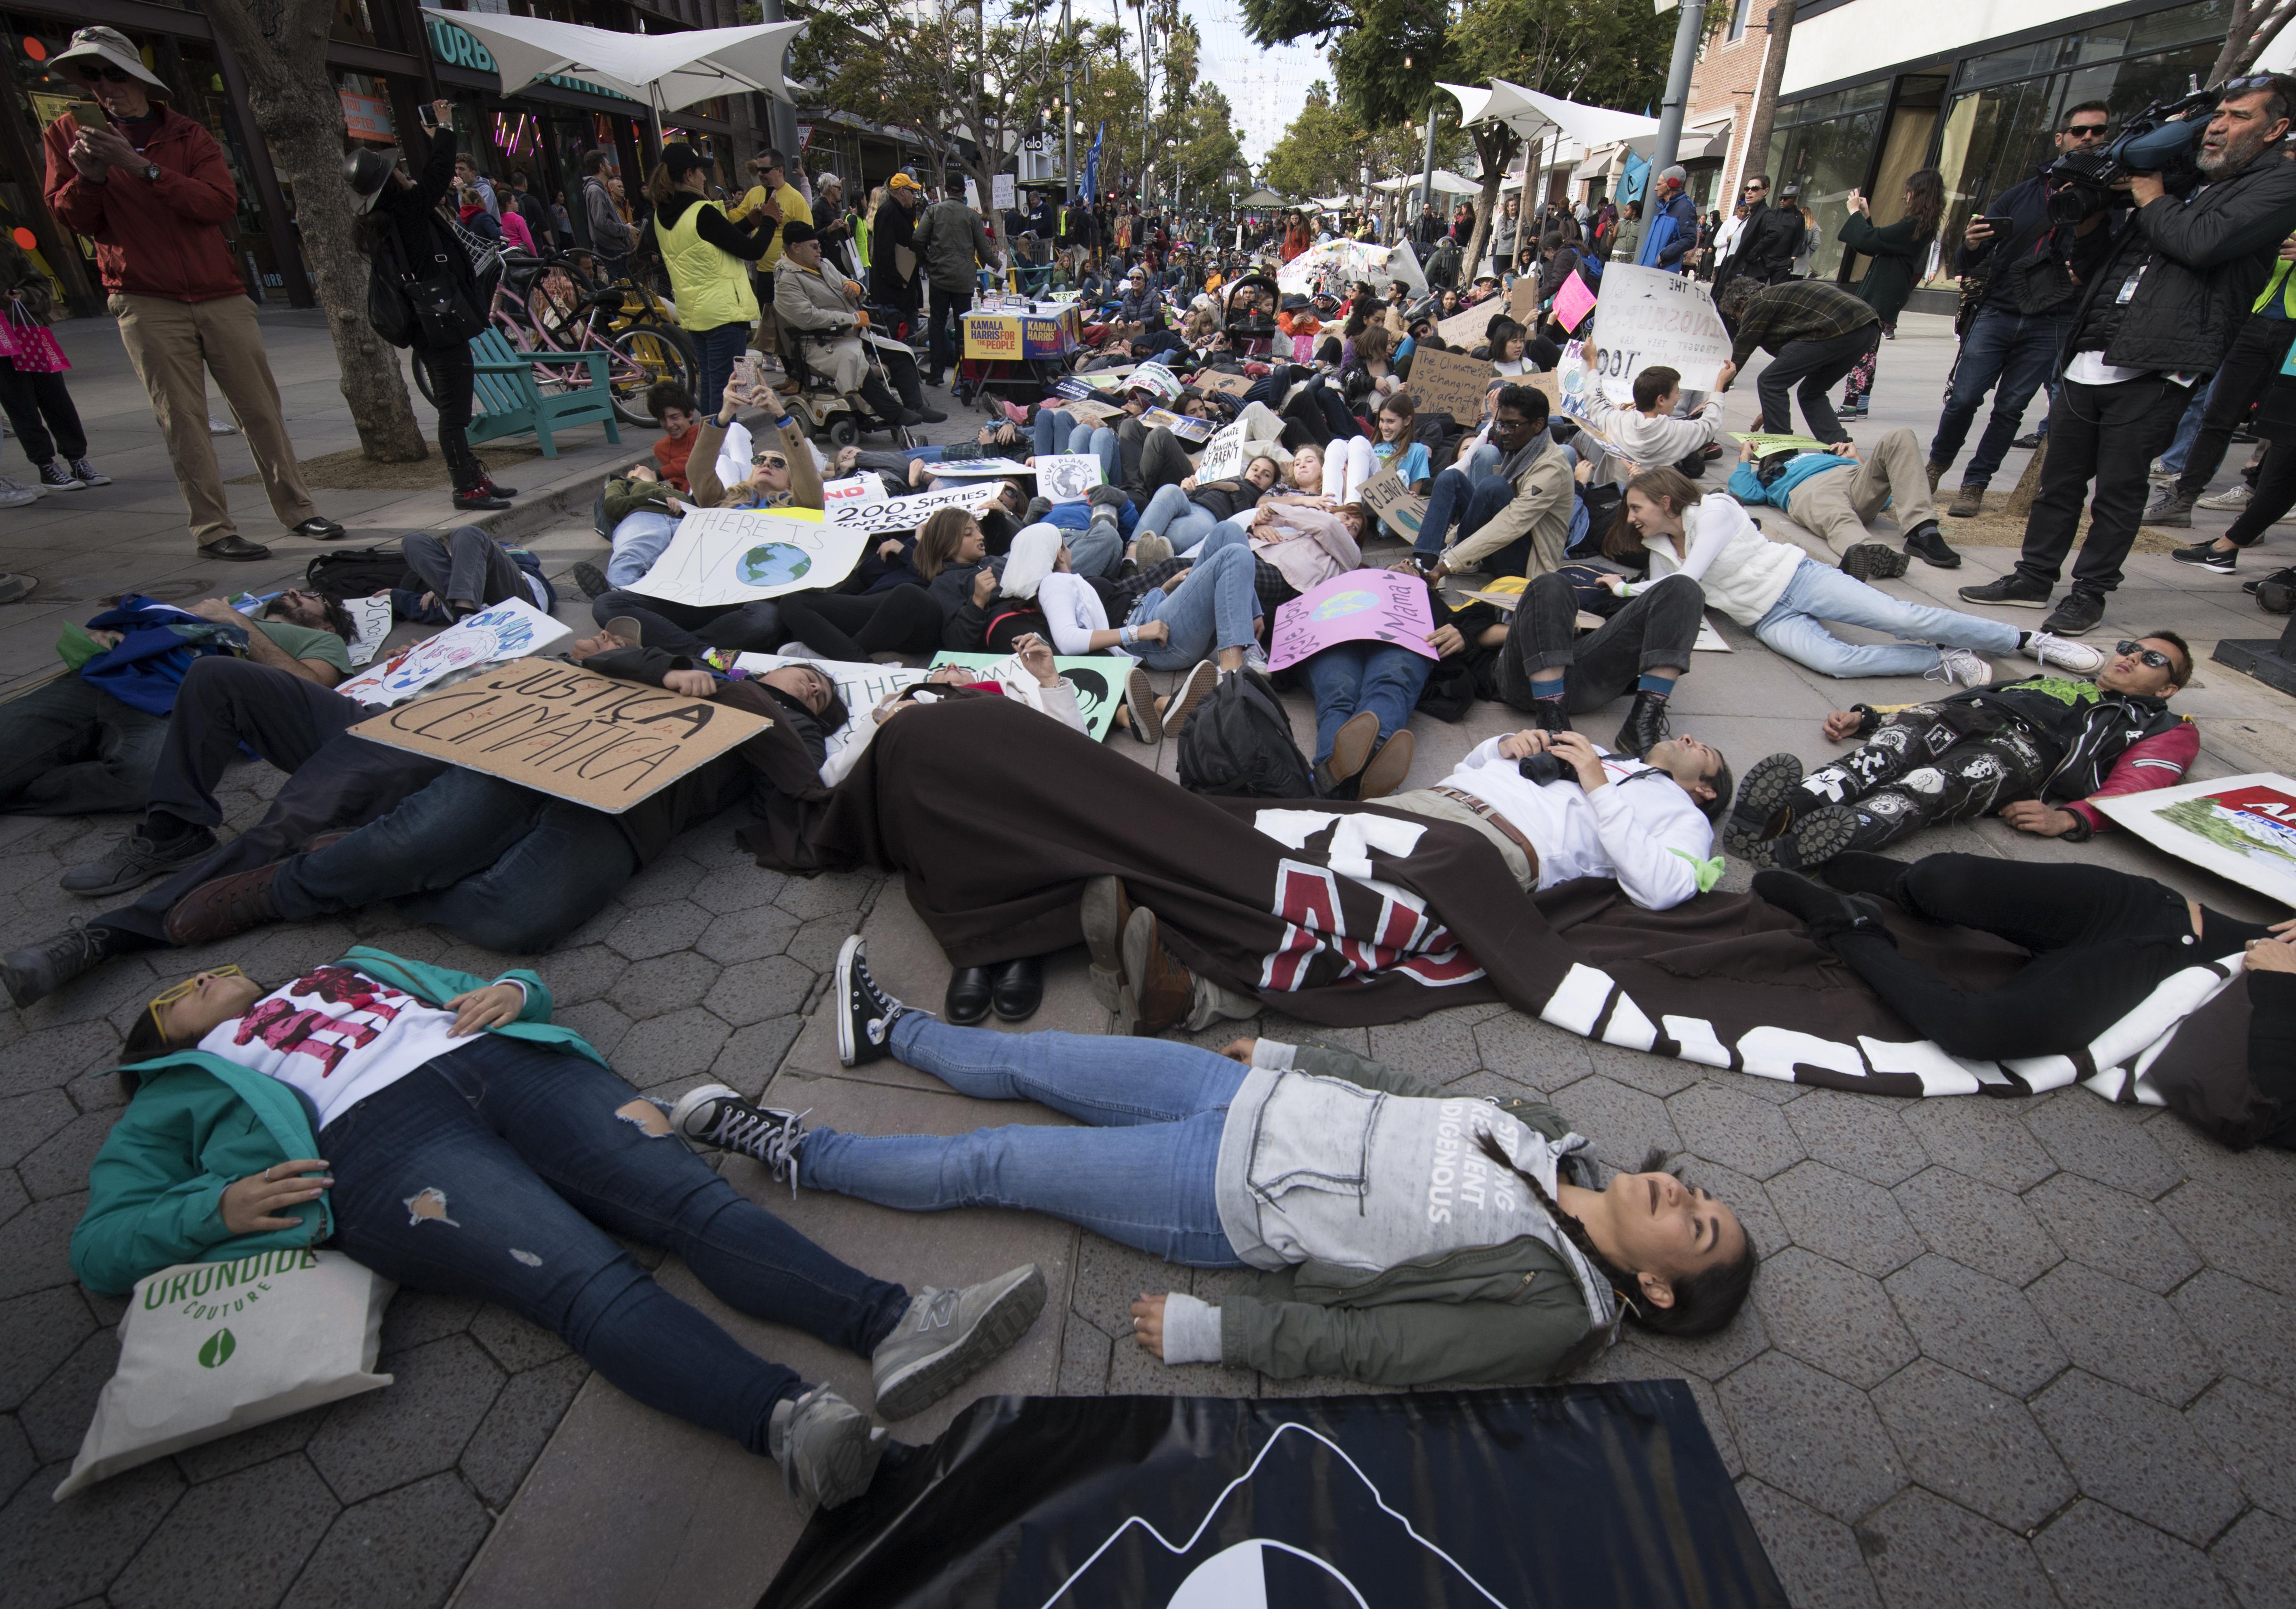 """في سانت مونيكا بولاية كاليفورنيا متظاهرون يحتجون على """"النزعة الاستهلاكية"""""""